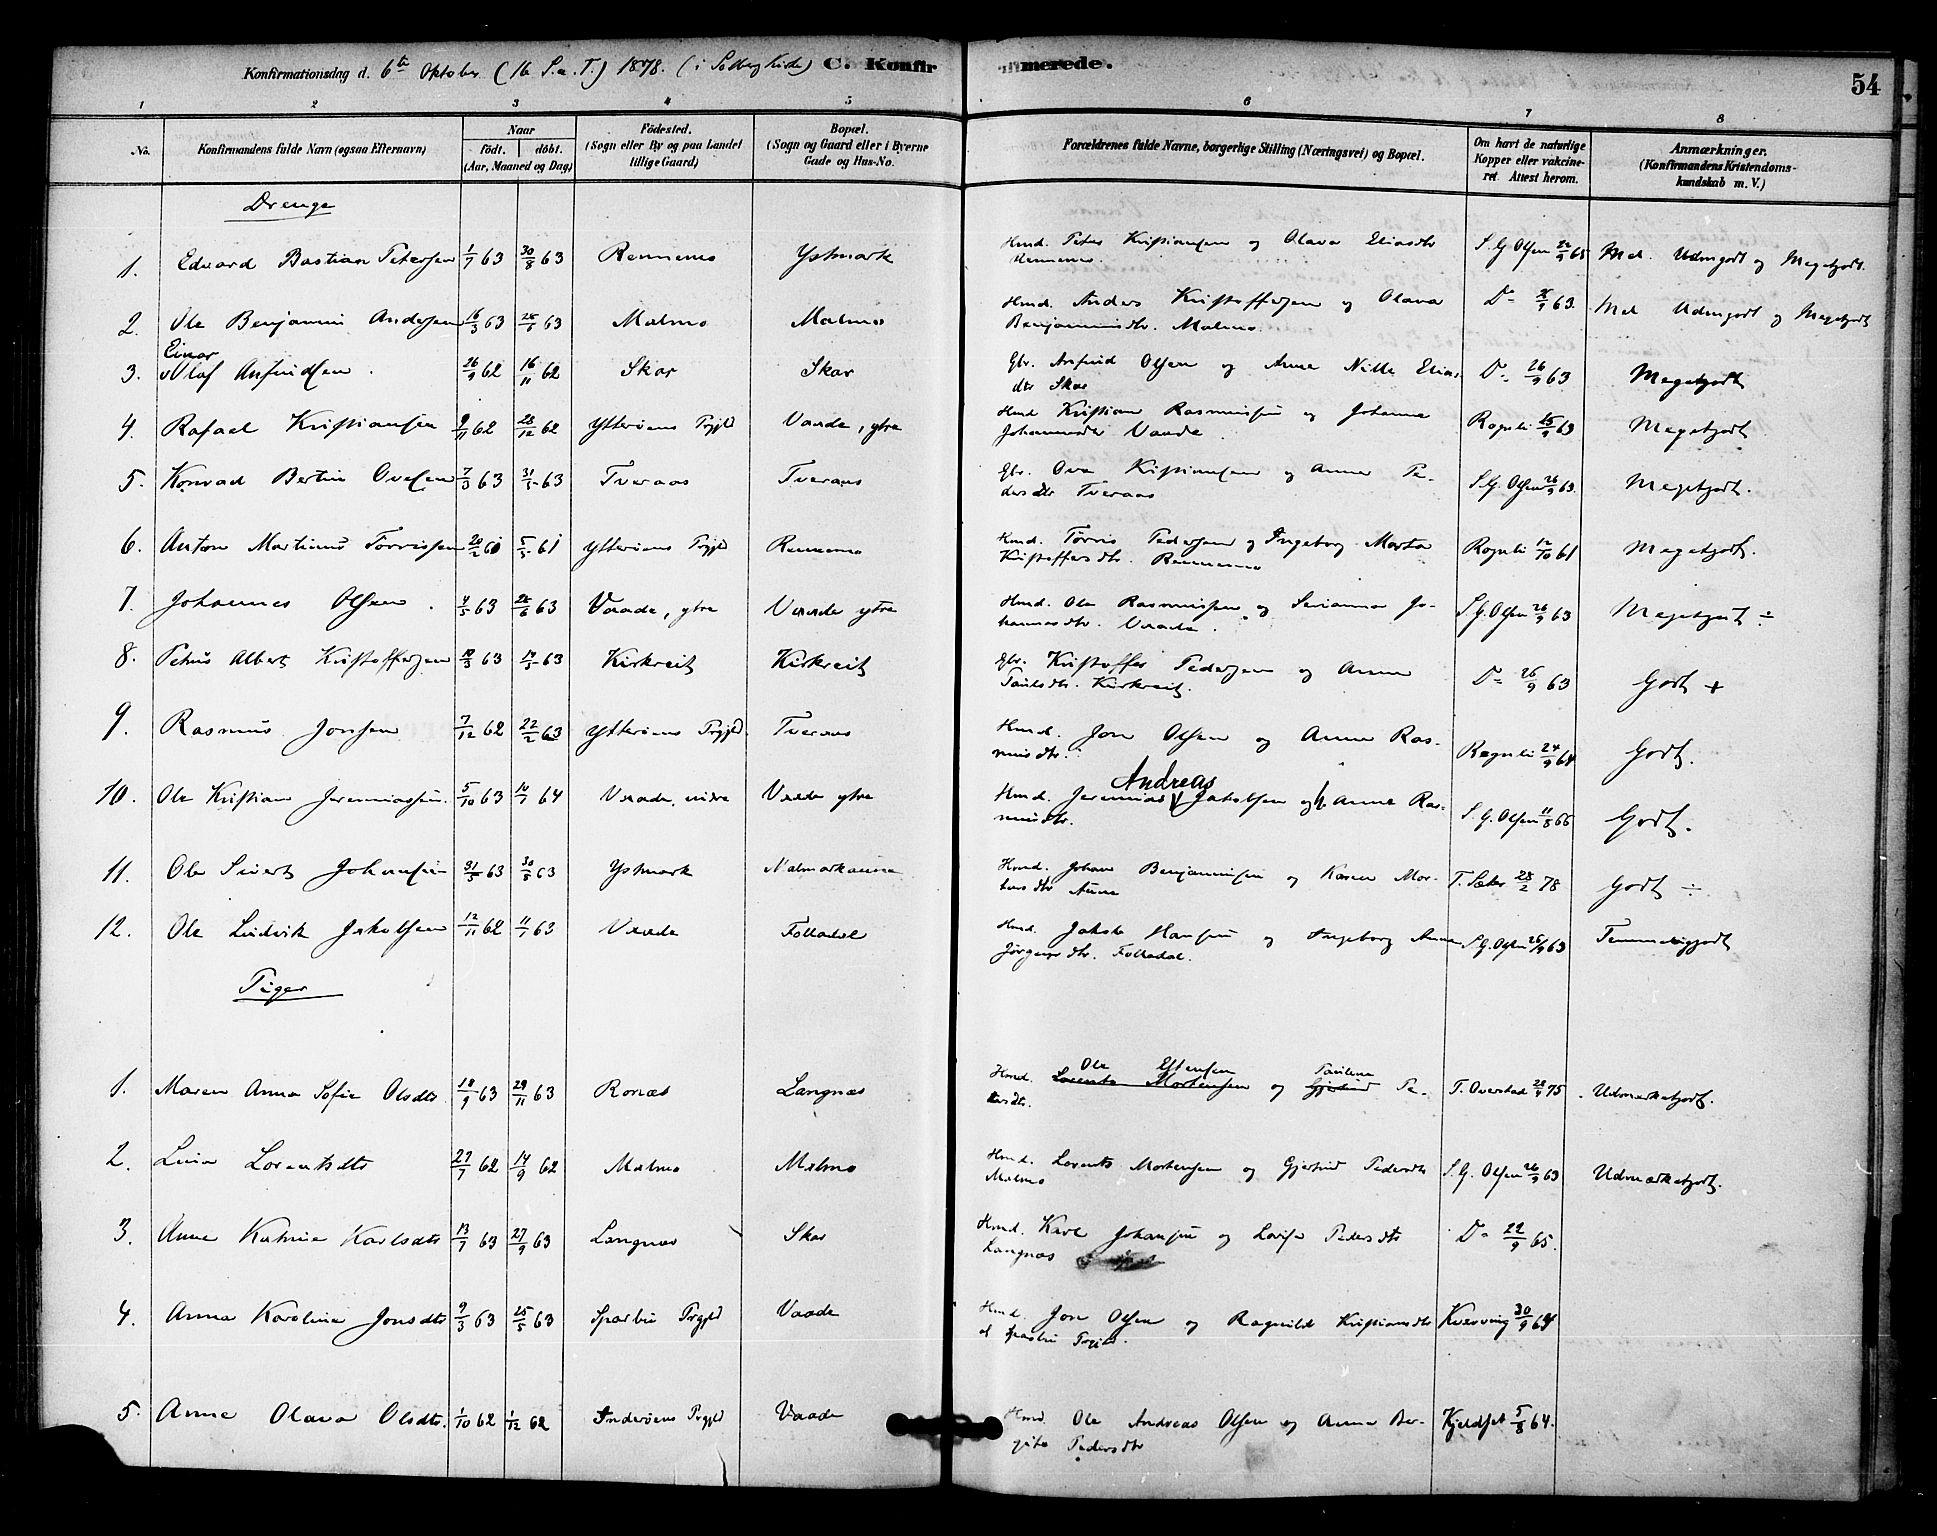 SAT, Ministerialprotokoller, klokkerbøker og fødselsregistre - Nord-Trøndelag, 745/L0429: Ministerialbok nr. 745A01, 1878-1894, s. 54